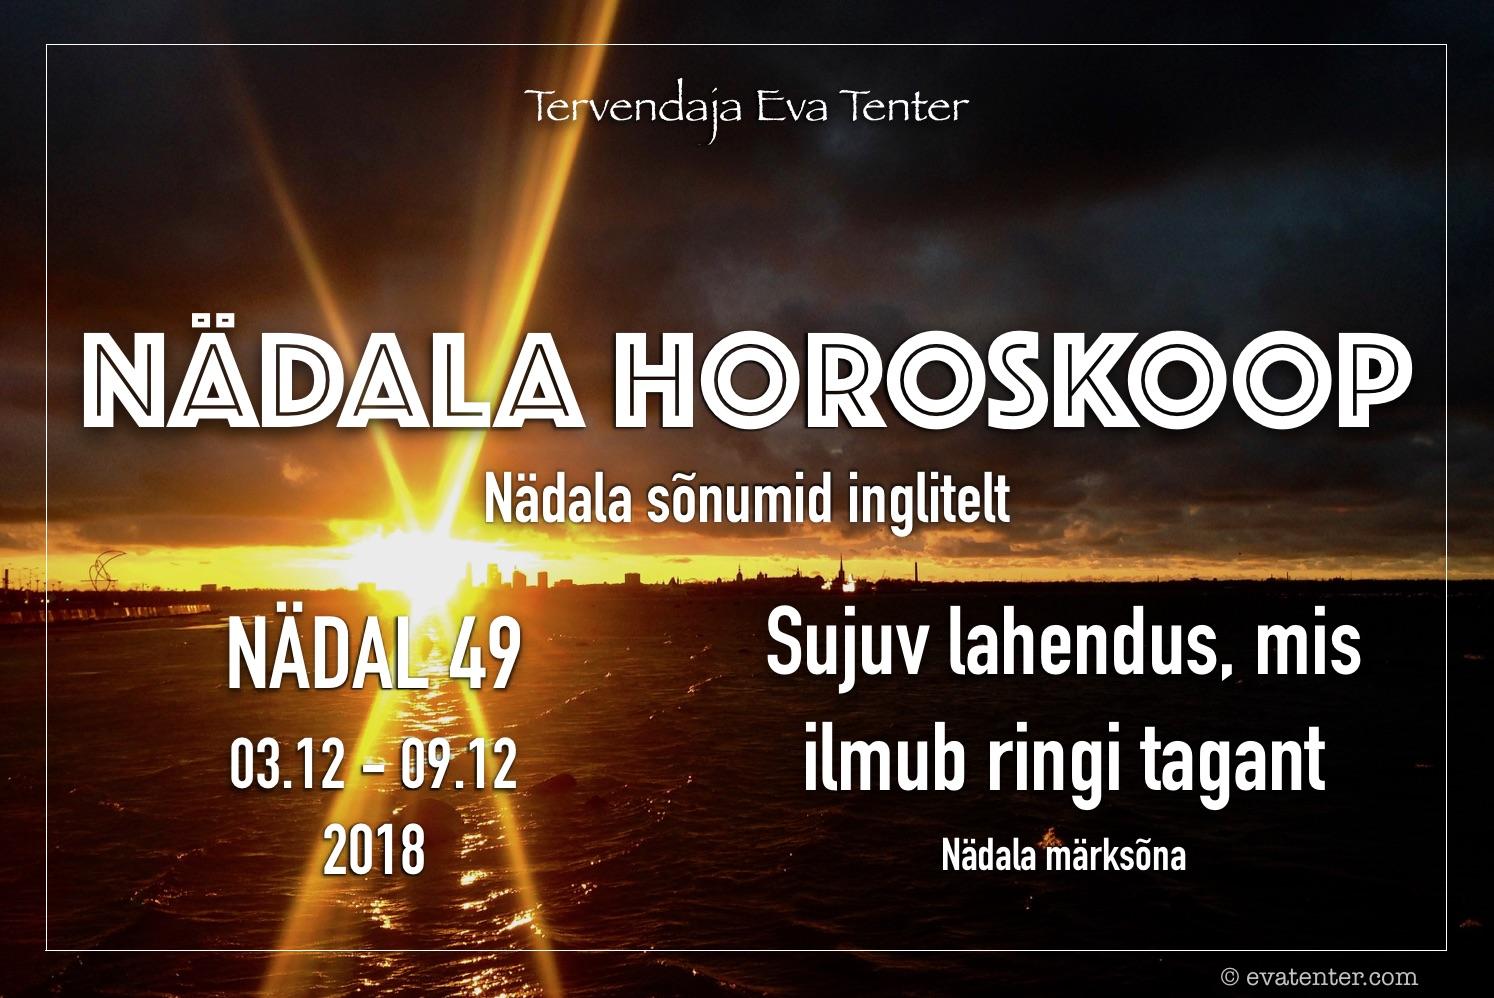 Nädala horoskoop 03.12-09.12.2018